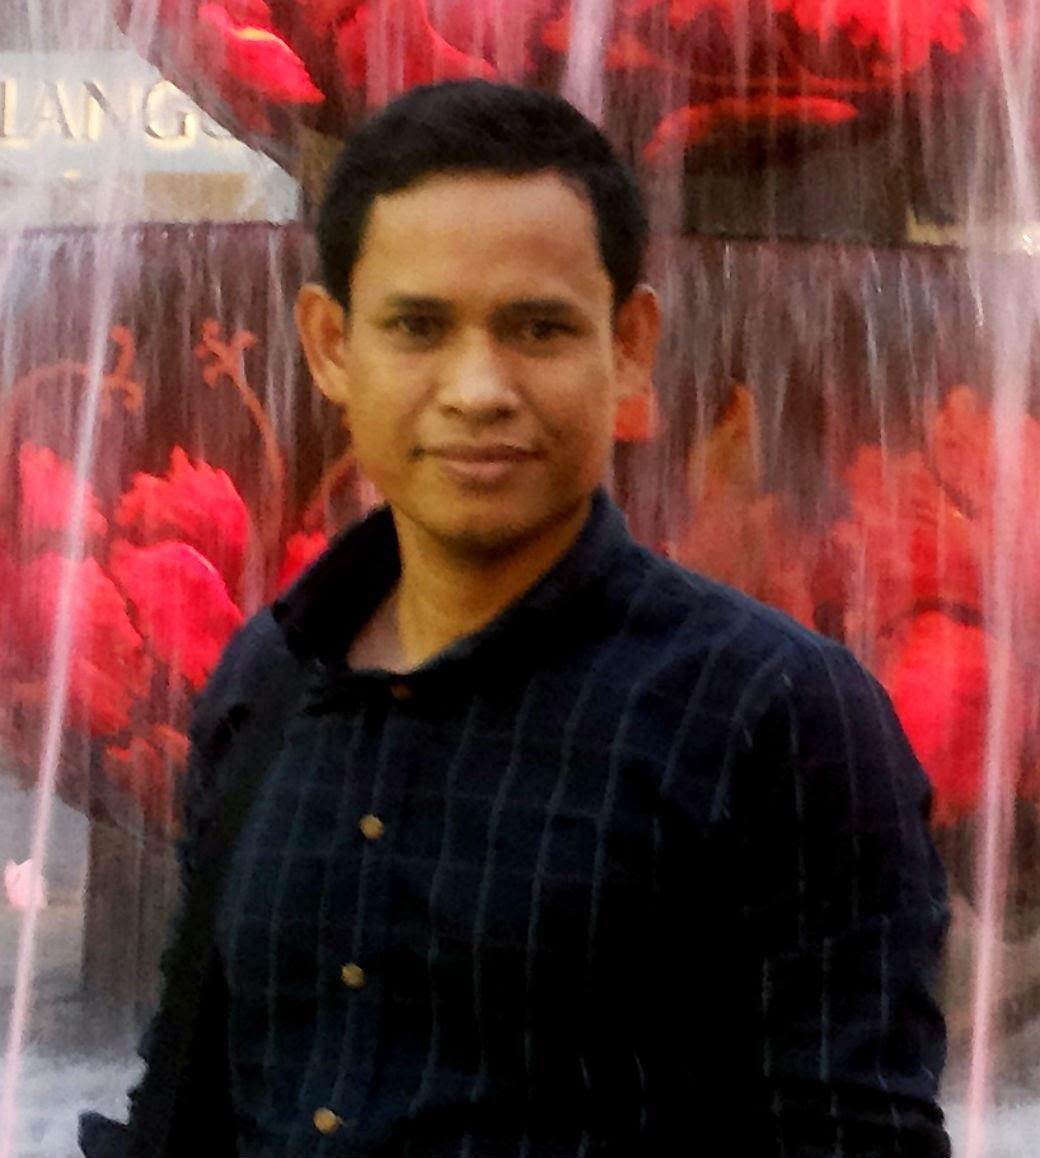 Chan Saron